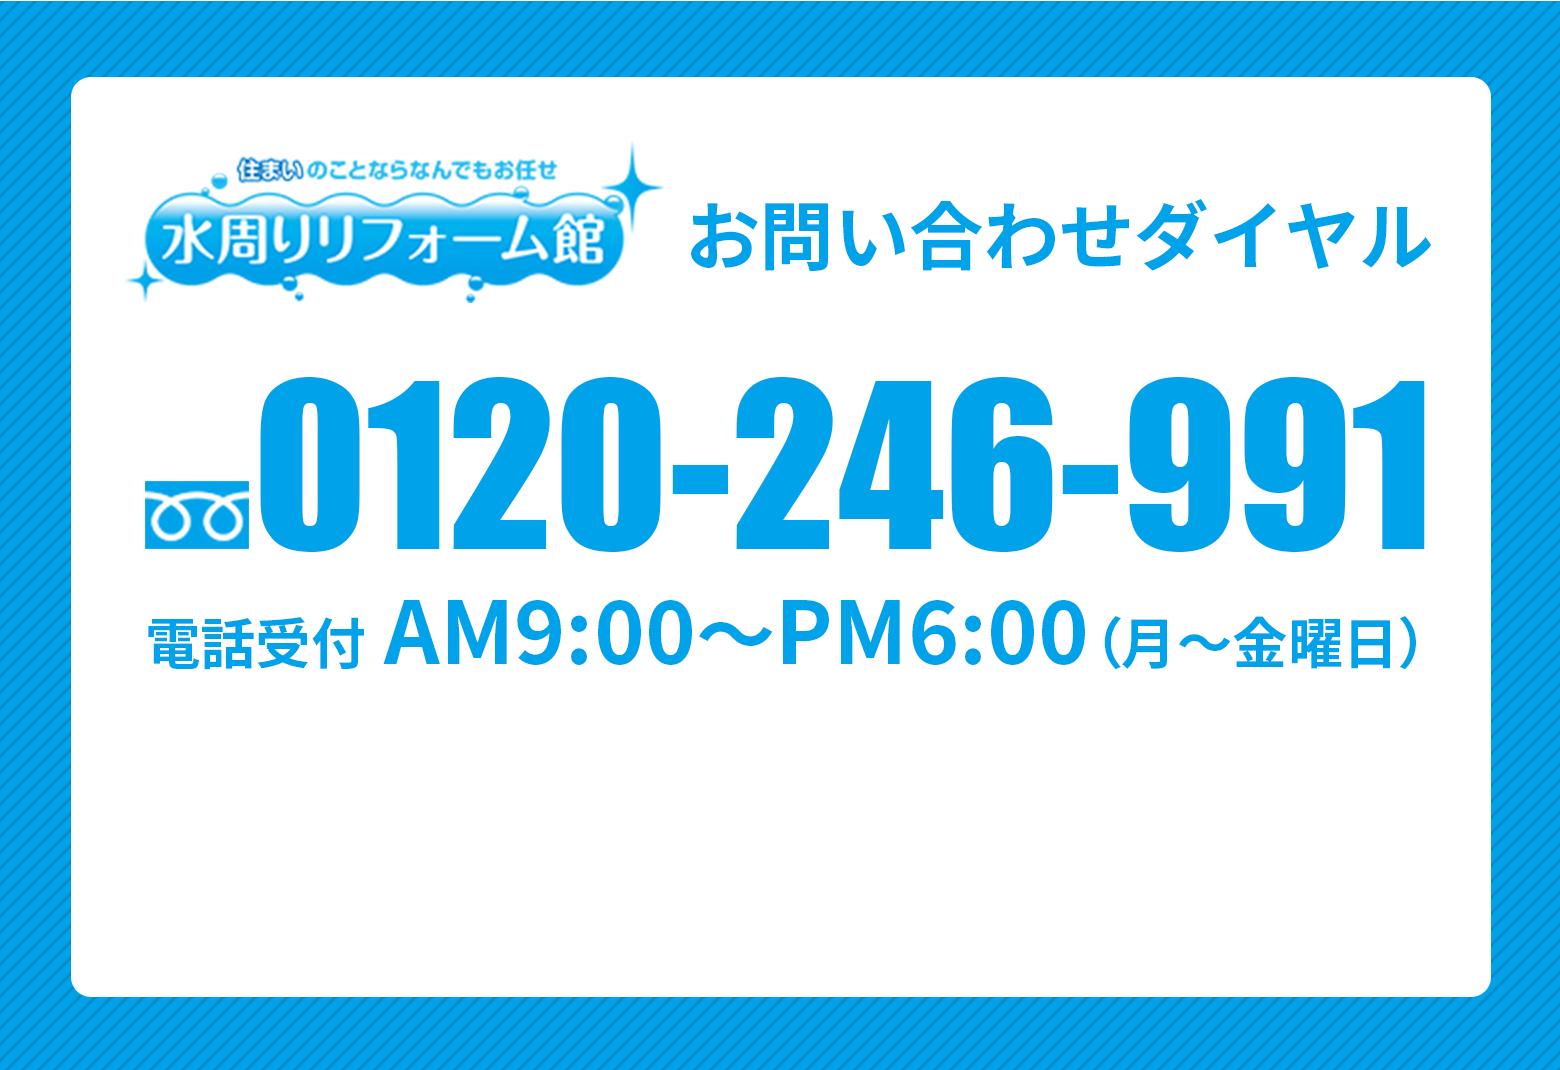 お問い合わせダイアル 0120-246-991 電話受付 AM9:00〜PM6:00(月〜金曜日)